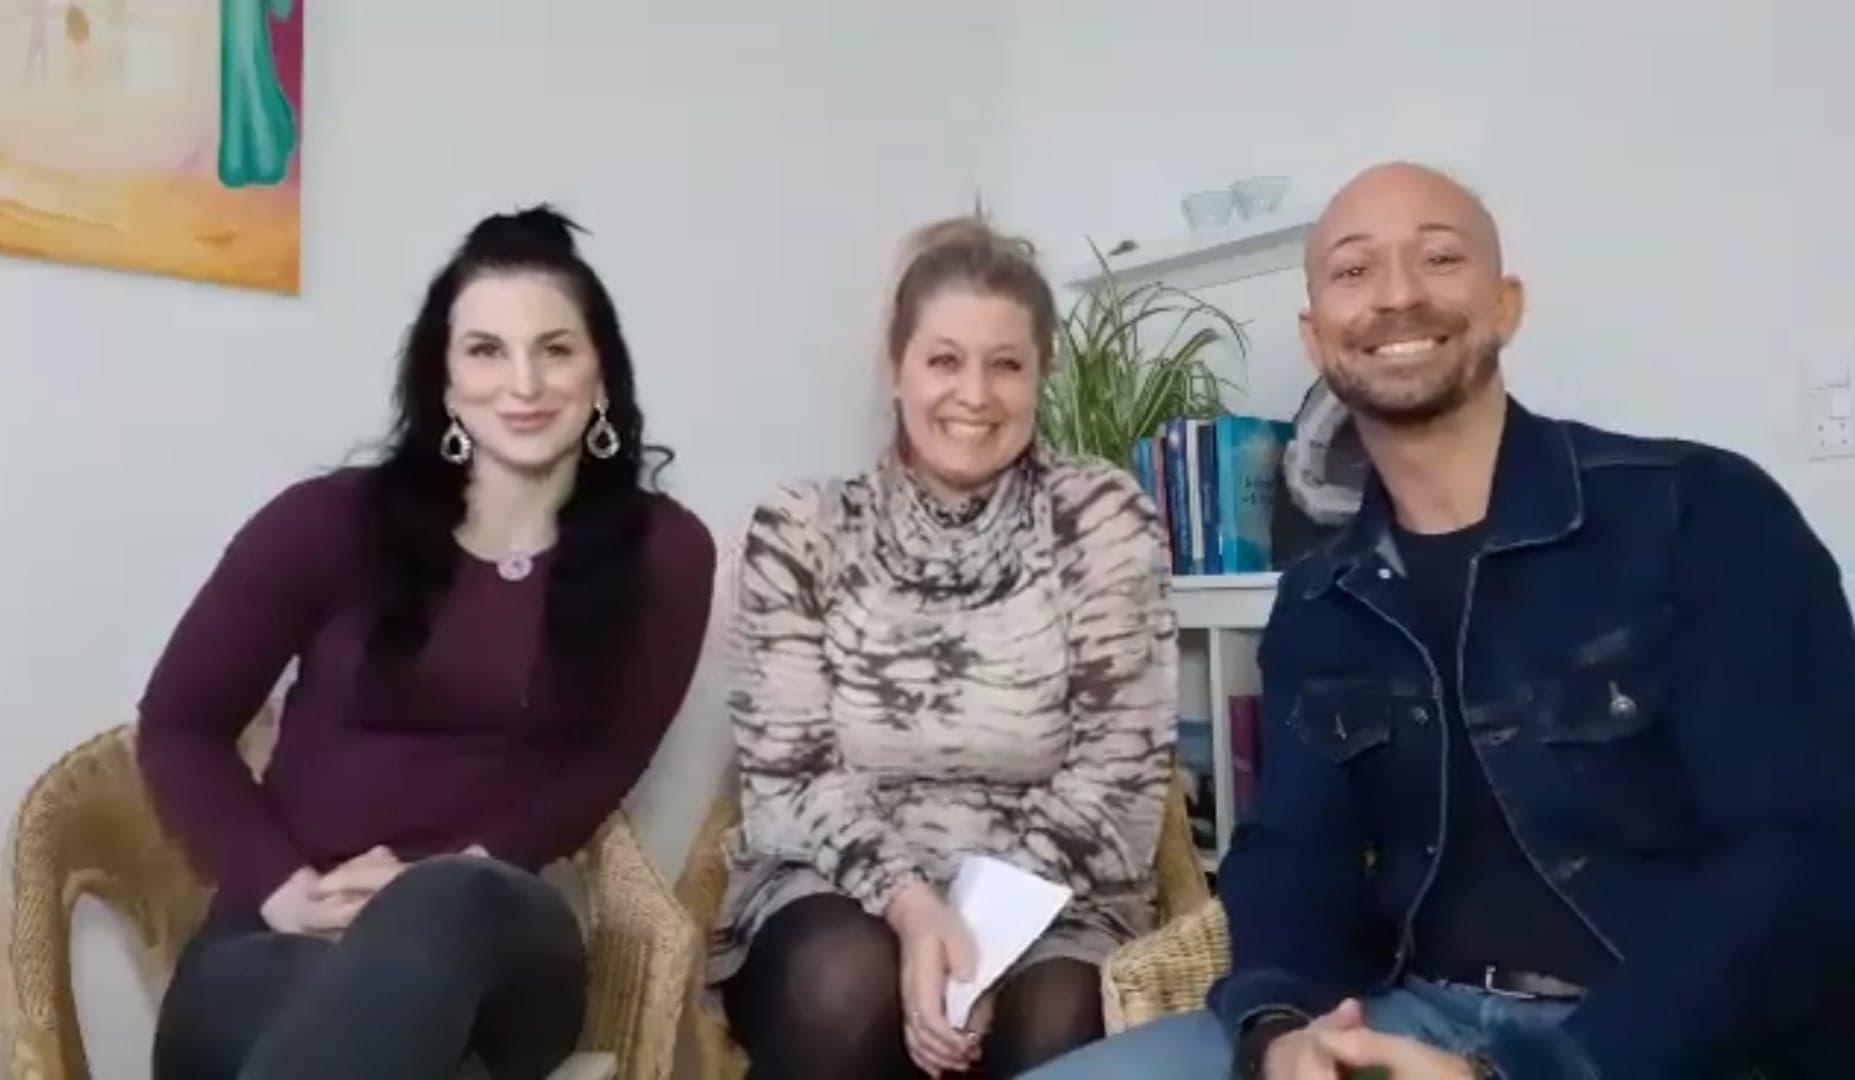 Nytårsforsætter – hvordan får man succes med dem? (video med Nian, Louise og Alexanndra)